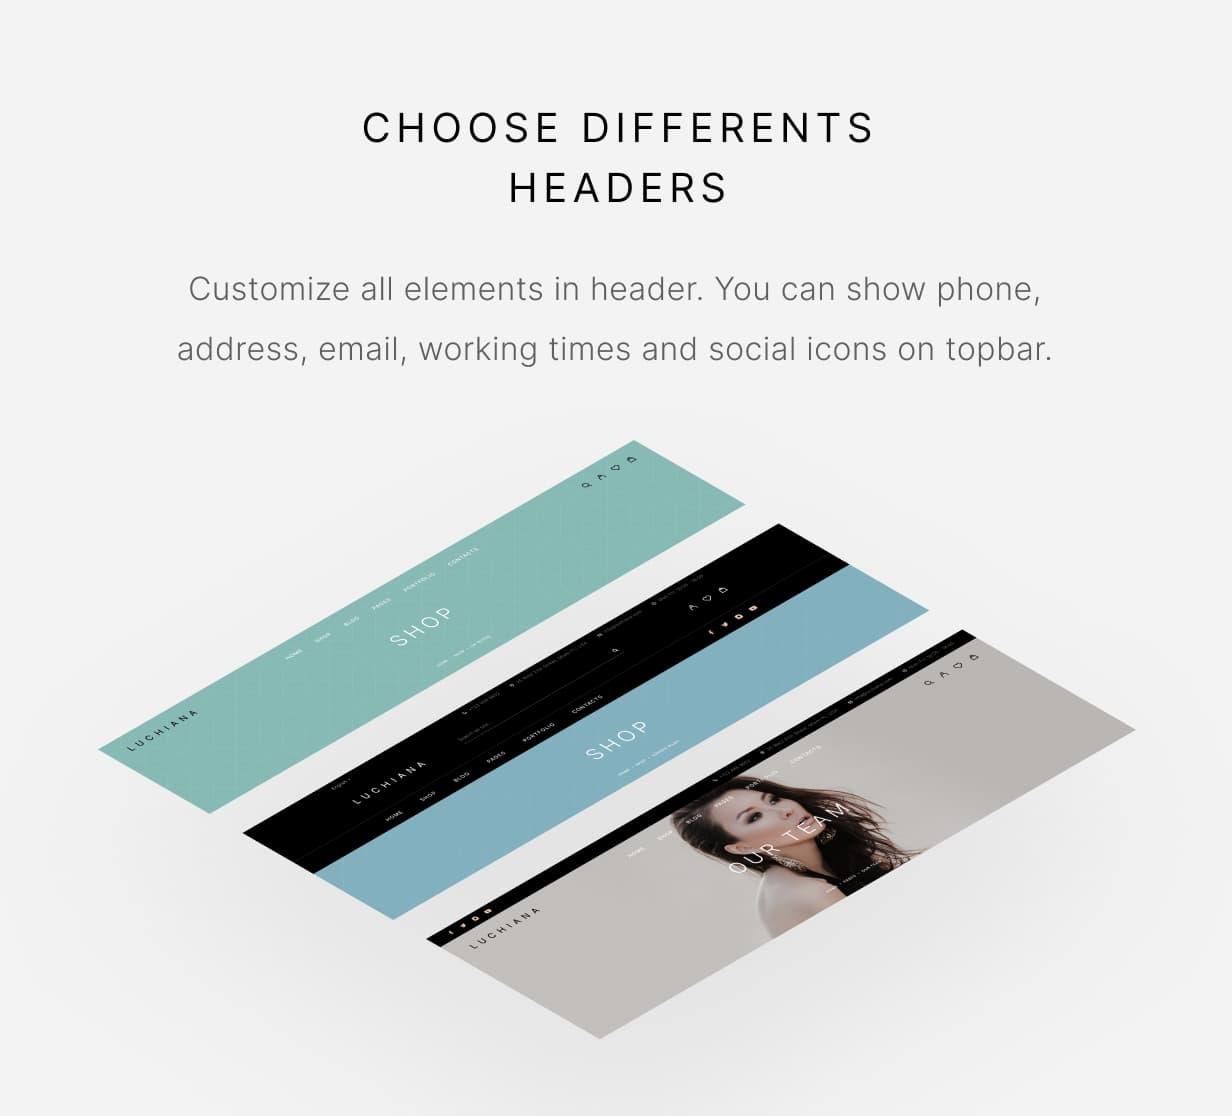 Luchiana - Three types of header